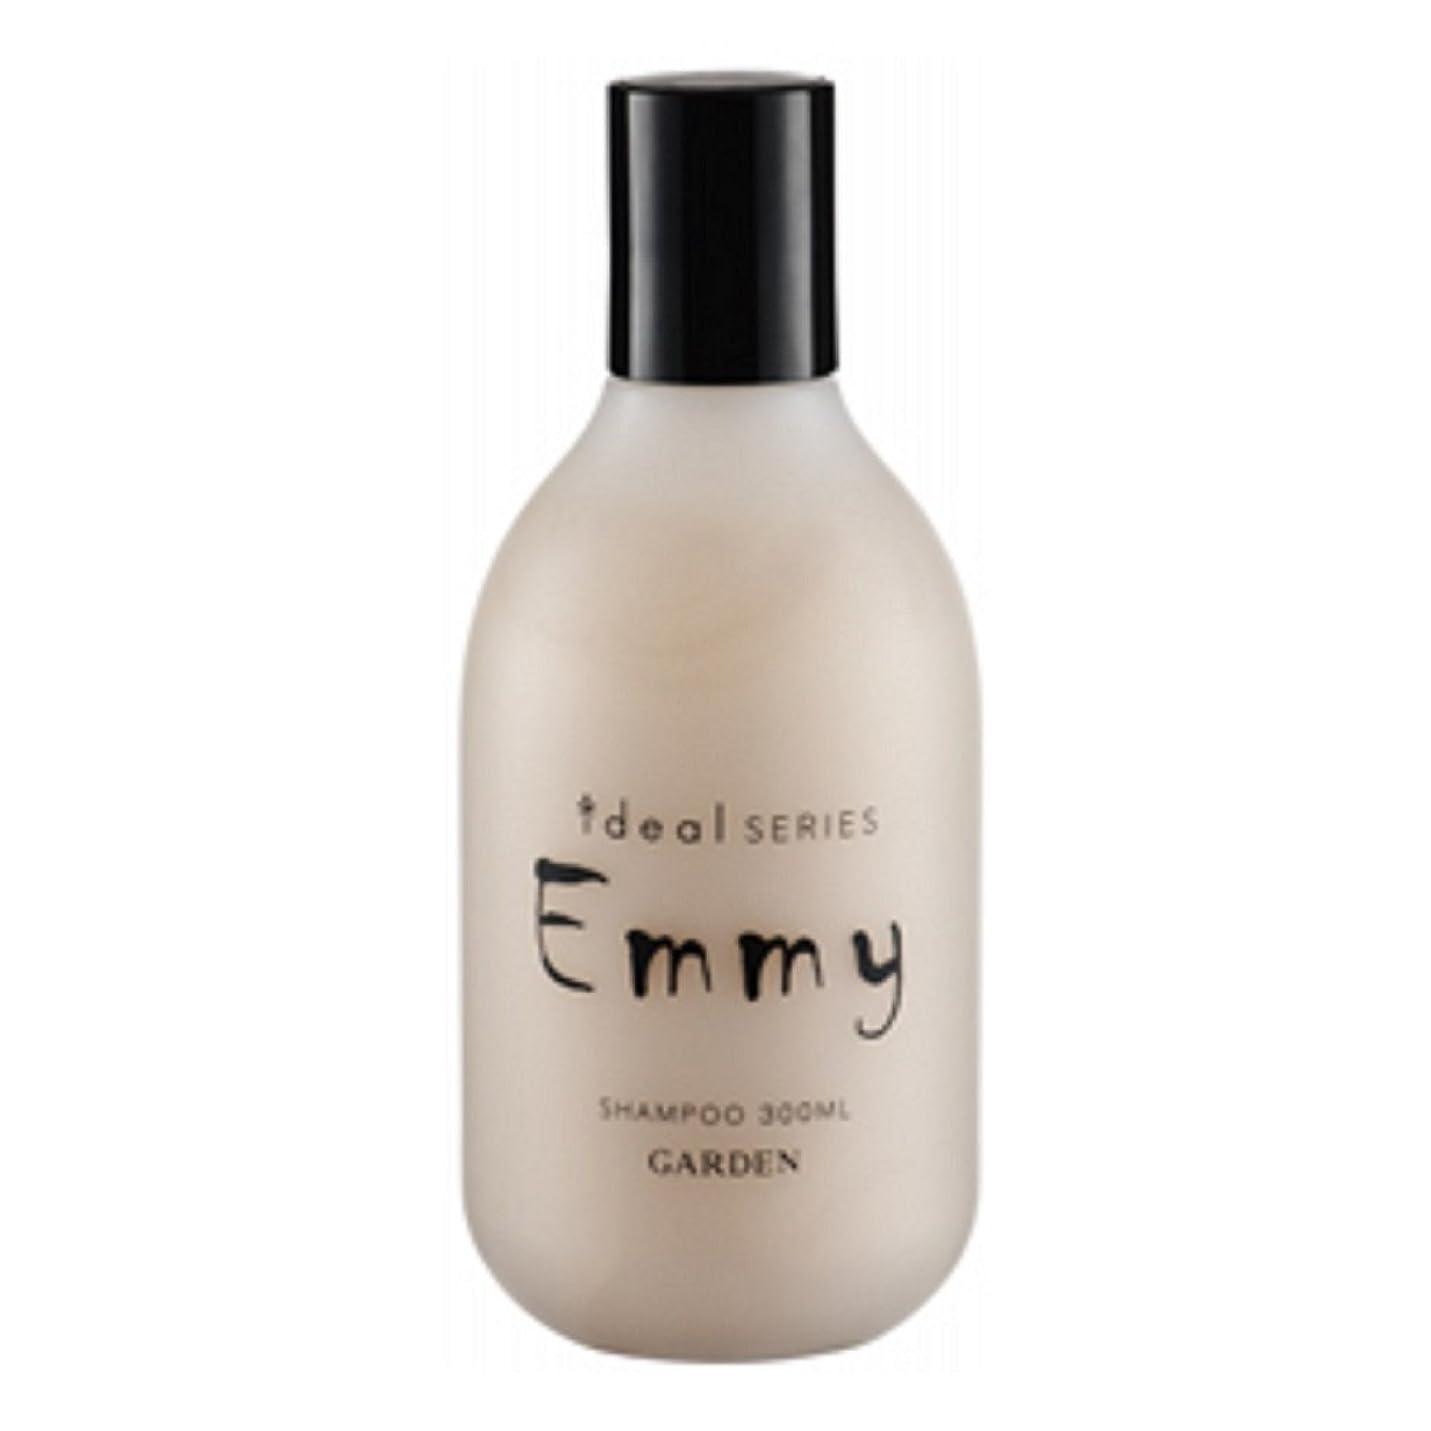 ありふれた人気の適度にGARDEN ideal SERIES (イデアルシリーズ) Emmy エミー ふんわりベーシックシャンプー 300ml